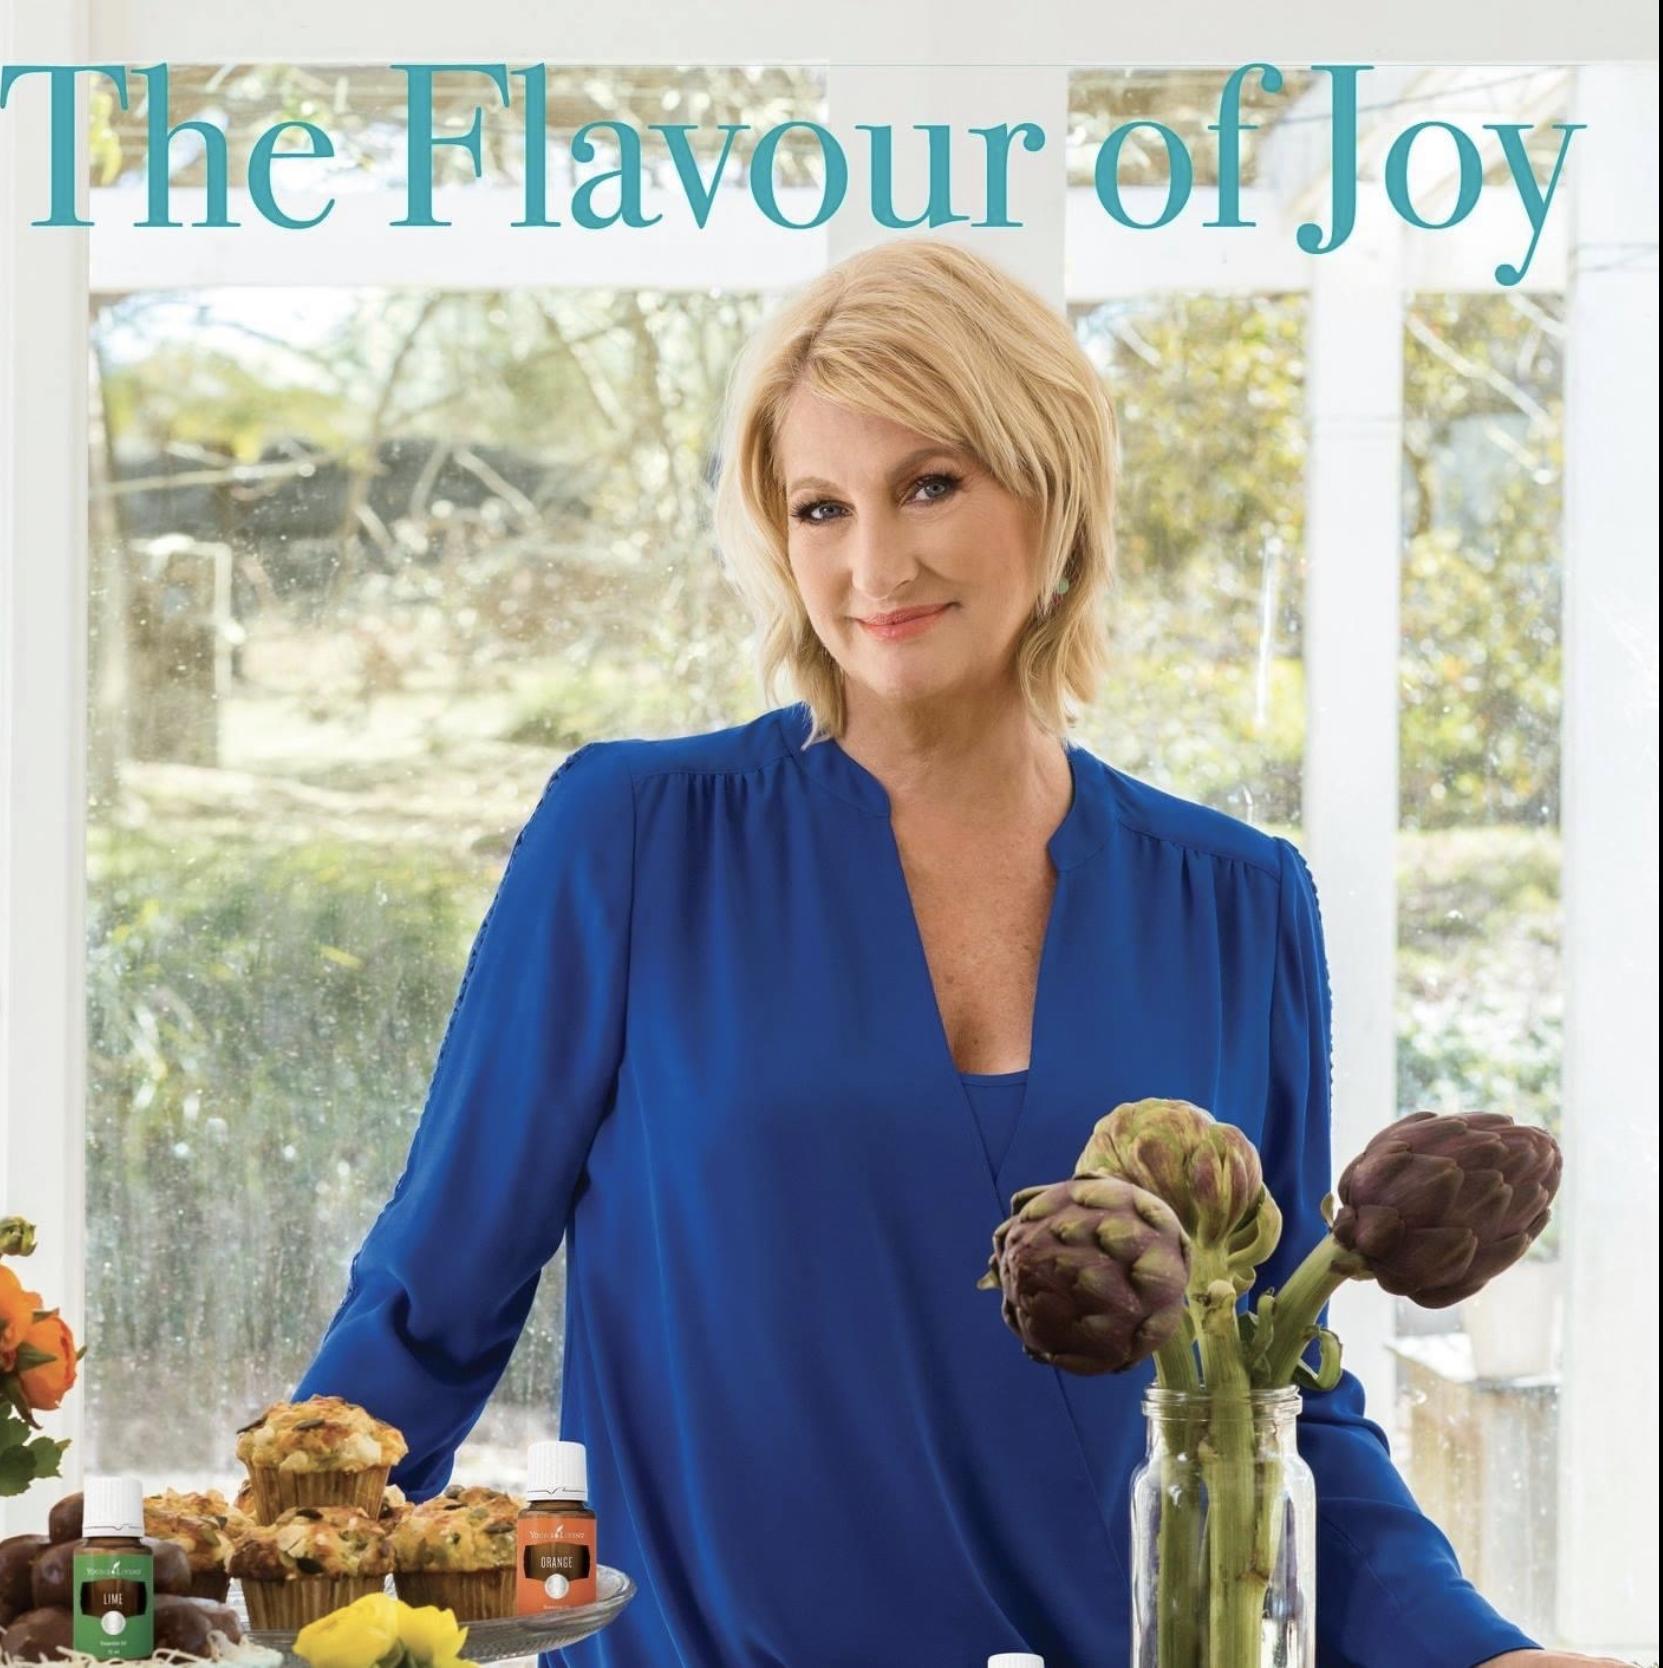 The Flavor Of Joy Cookbook